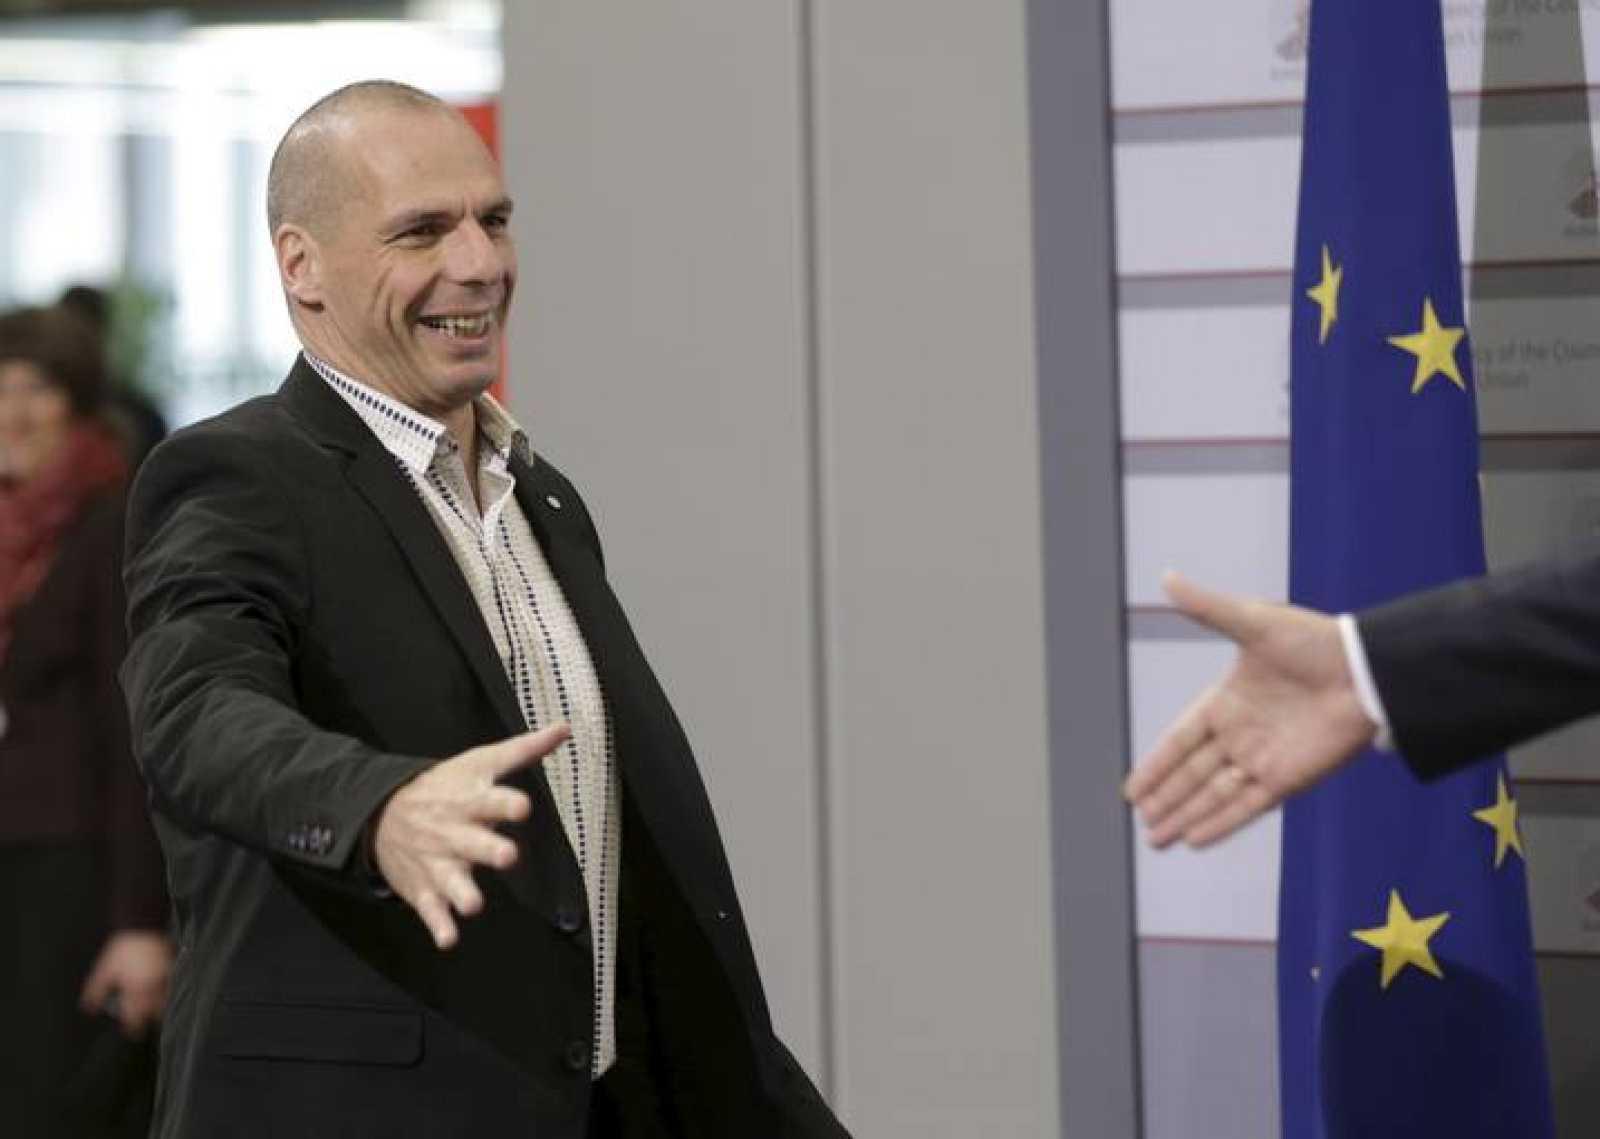 El ministro de Finanzas de Grecia, Yanis Varufakis, a su llegada al Ecofin de Riga